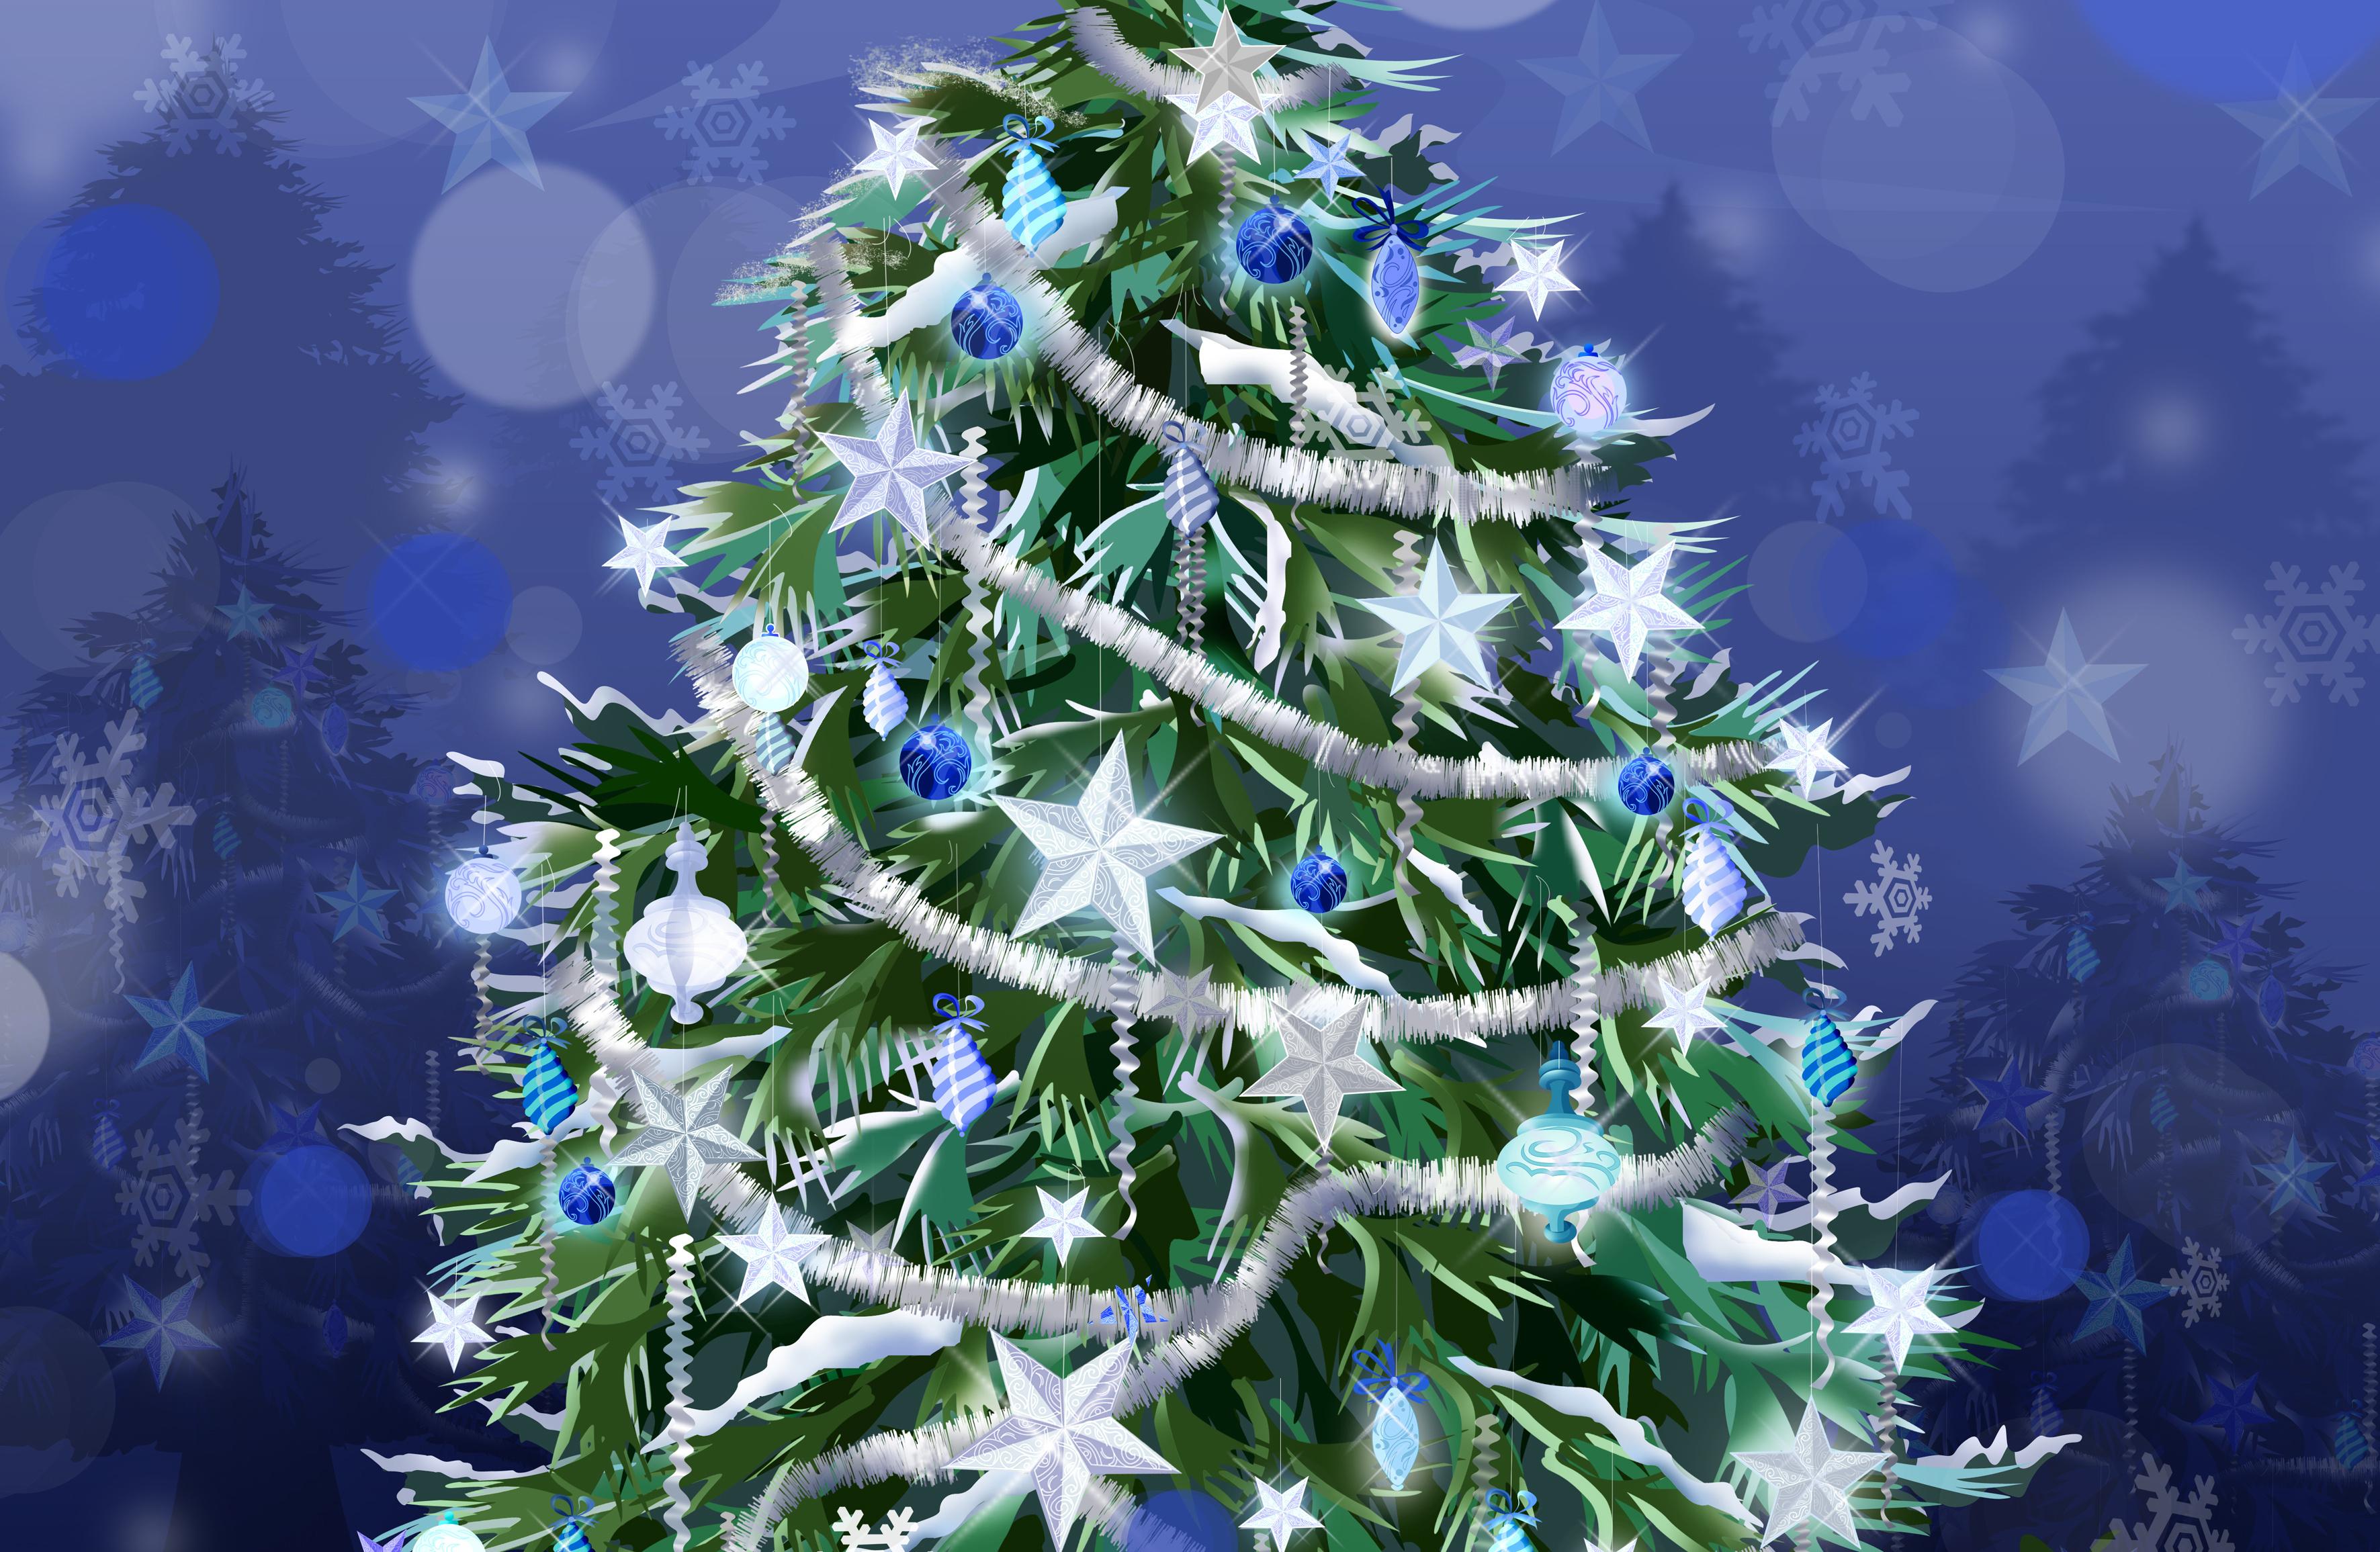 14053 descargar fondo de pantalla Vacaciones, Árboles, Año Nuevo, Abetos, Navidad, Imágenes: protectores de pantalla e imágenes gratis